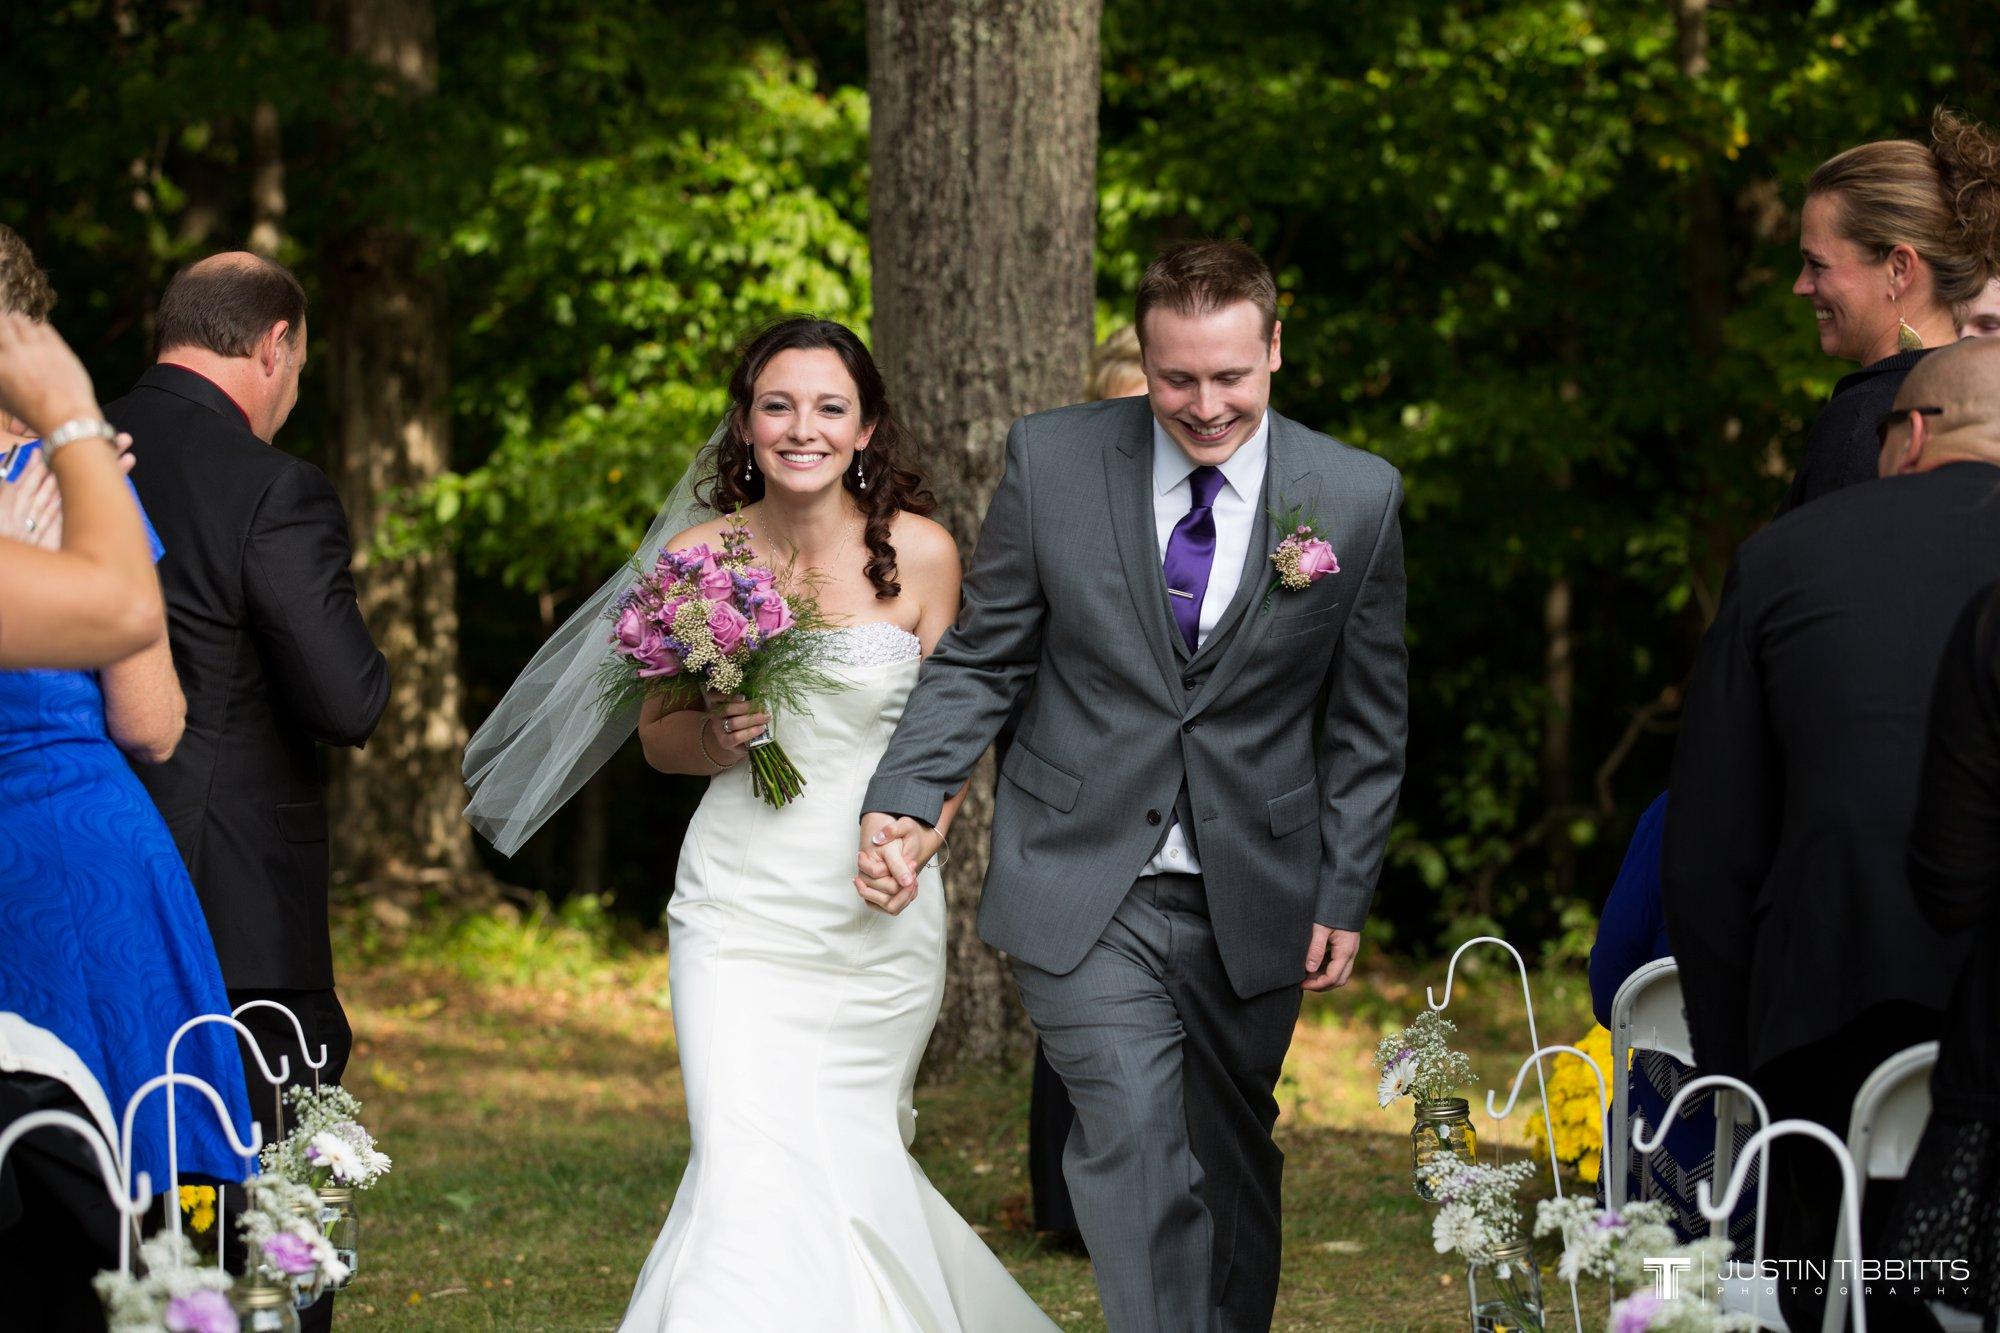 Justin Tibbitts Photography Rob and Brittany's Averill Park, NY Wedding_0389